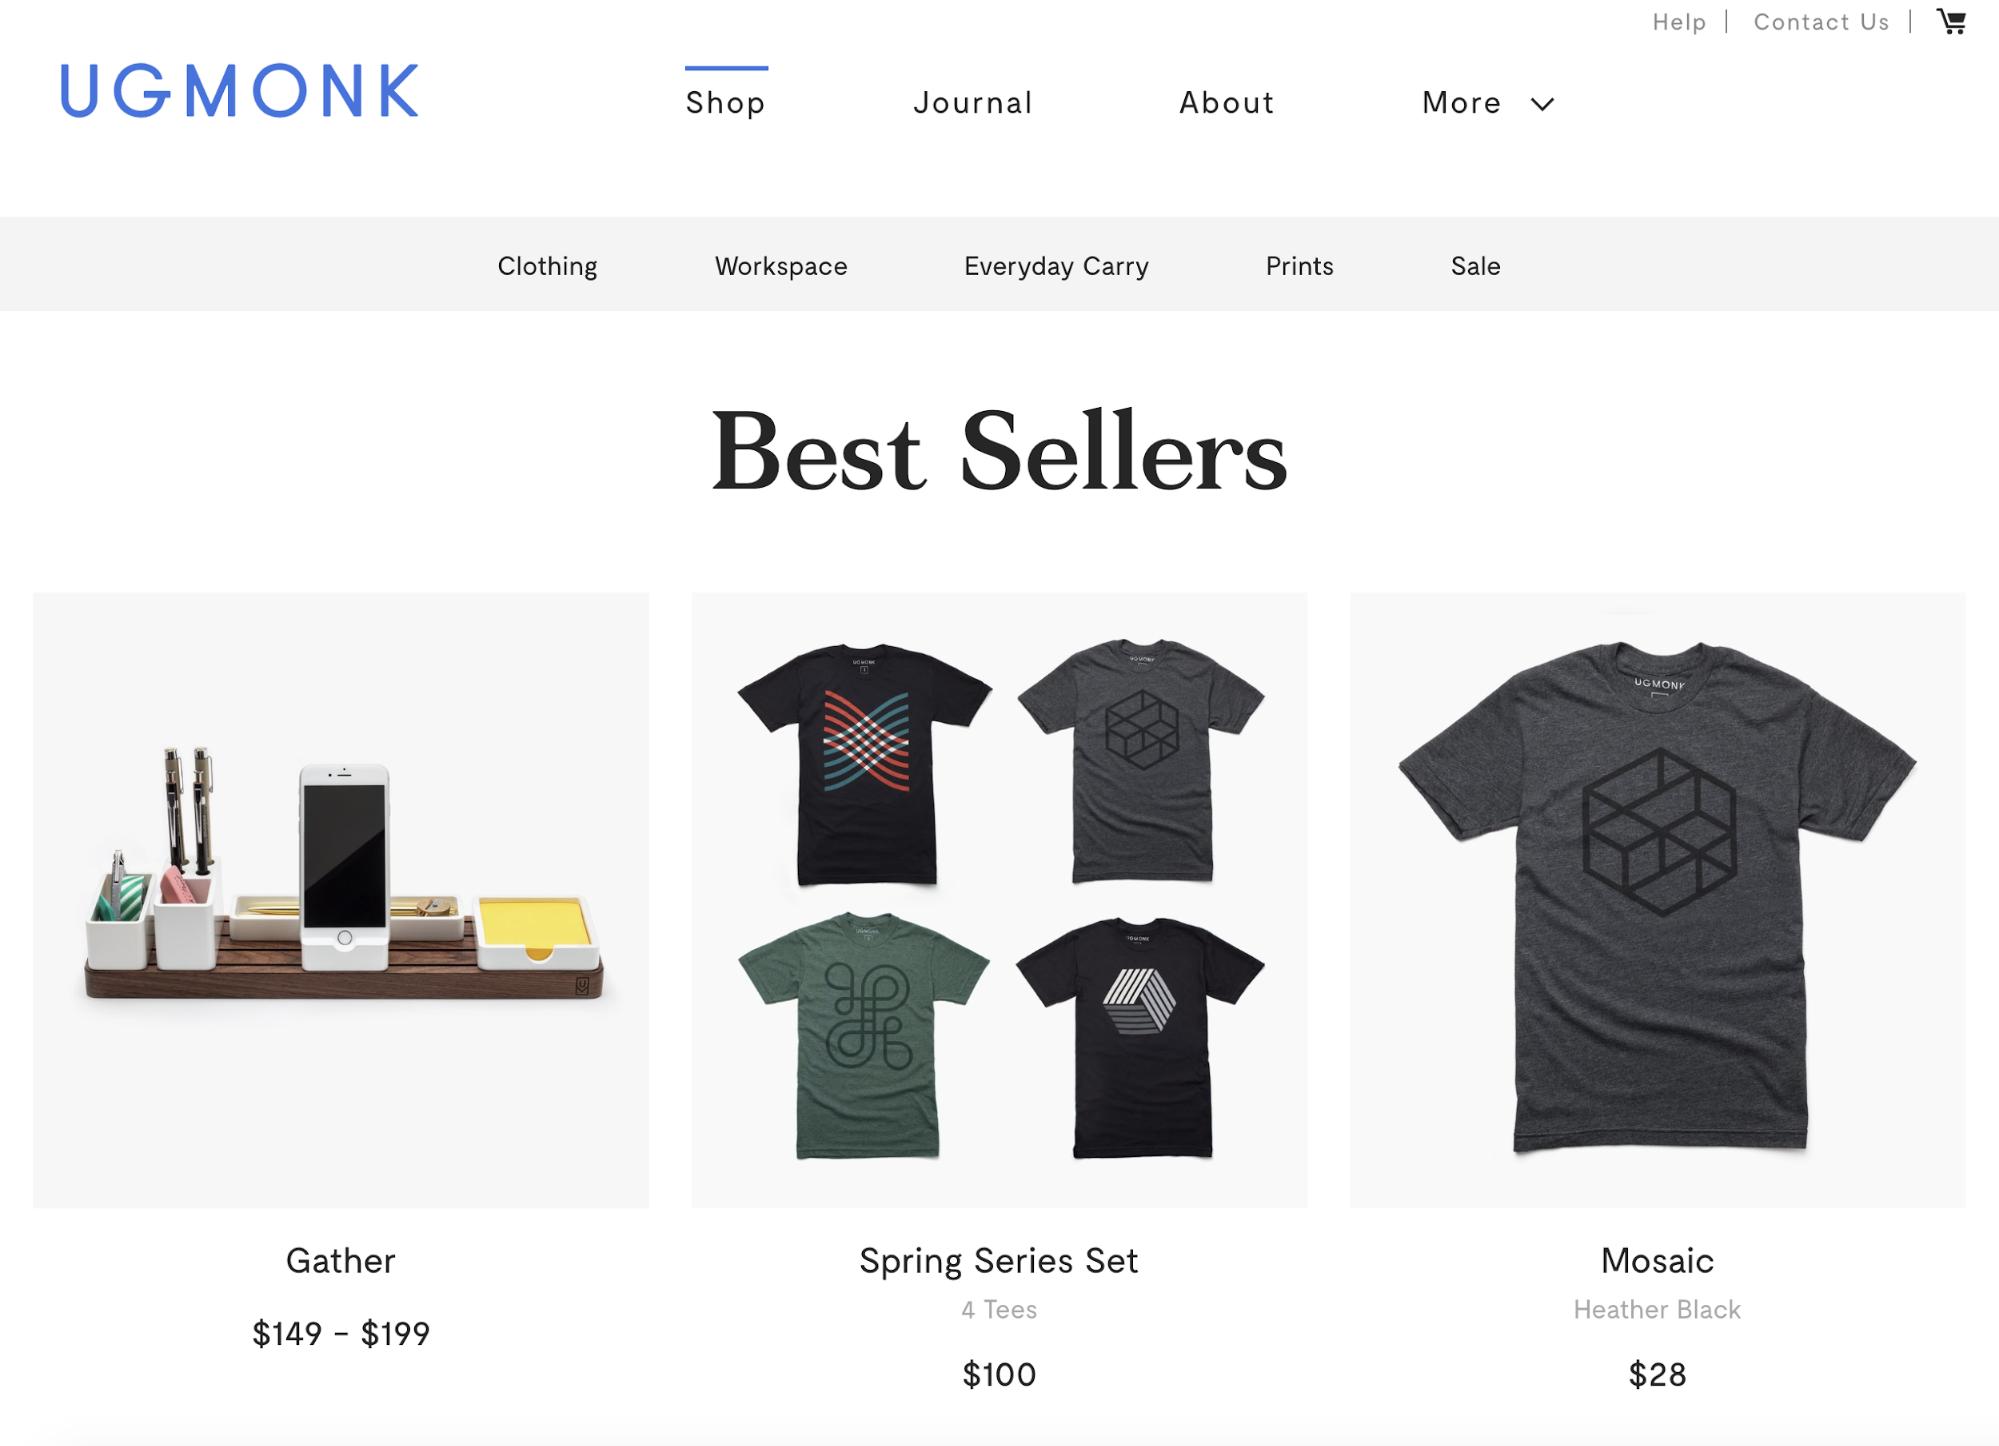 Screenshot showing bestsellers on Ugmonk